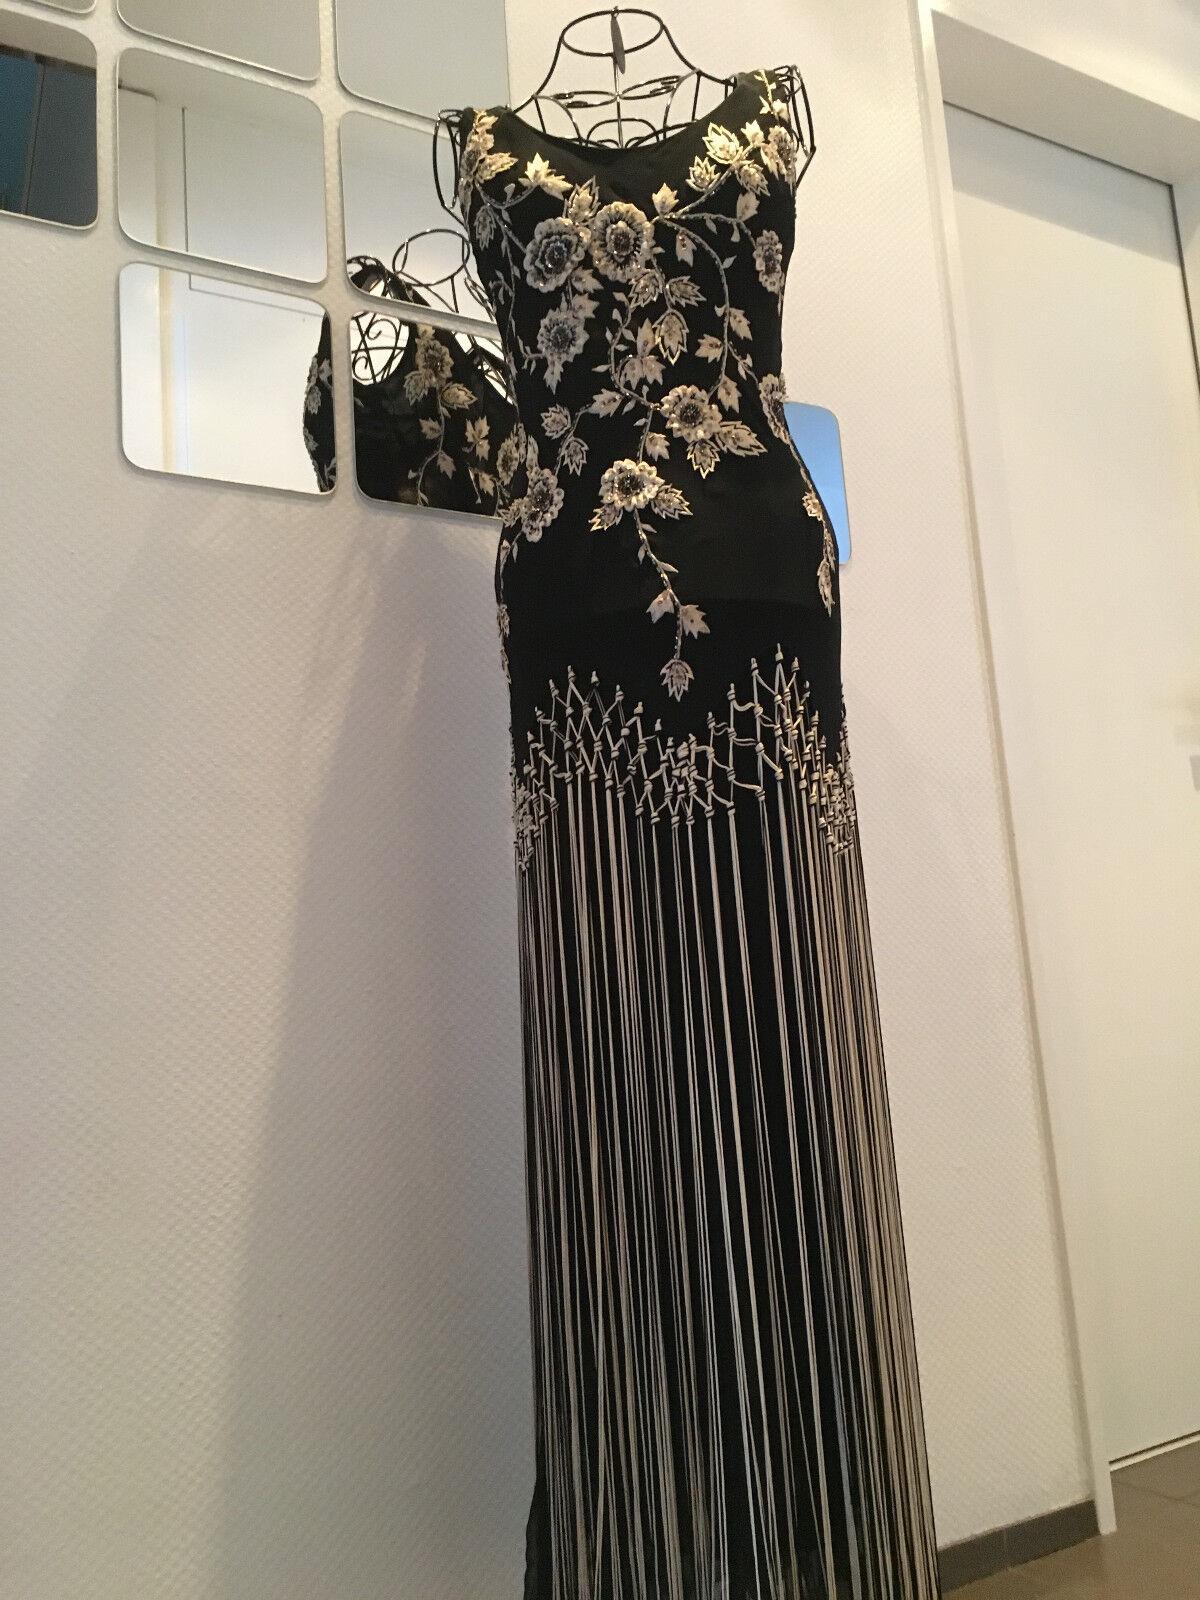 Kleid lang schwarz Gold Fransen Abendkleid Abschlusskleid Schulterträger armfrei